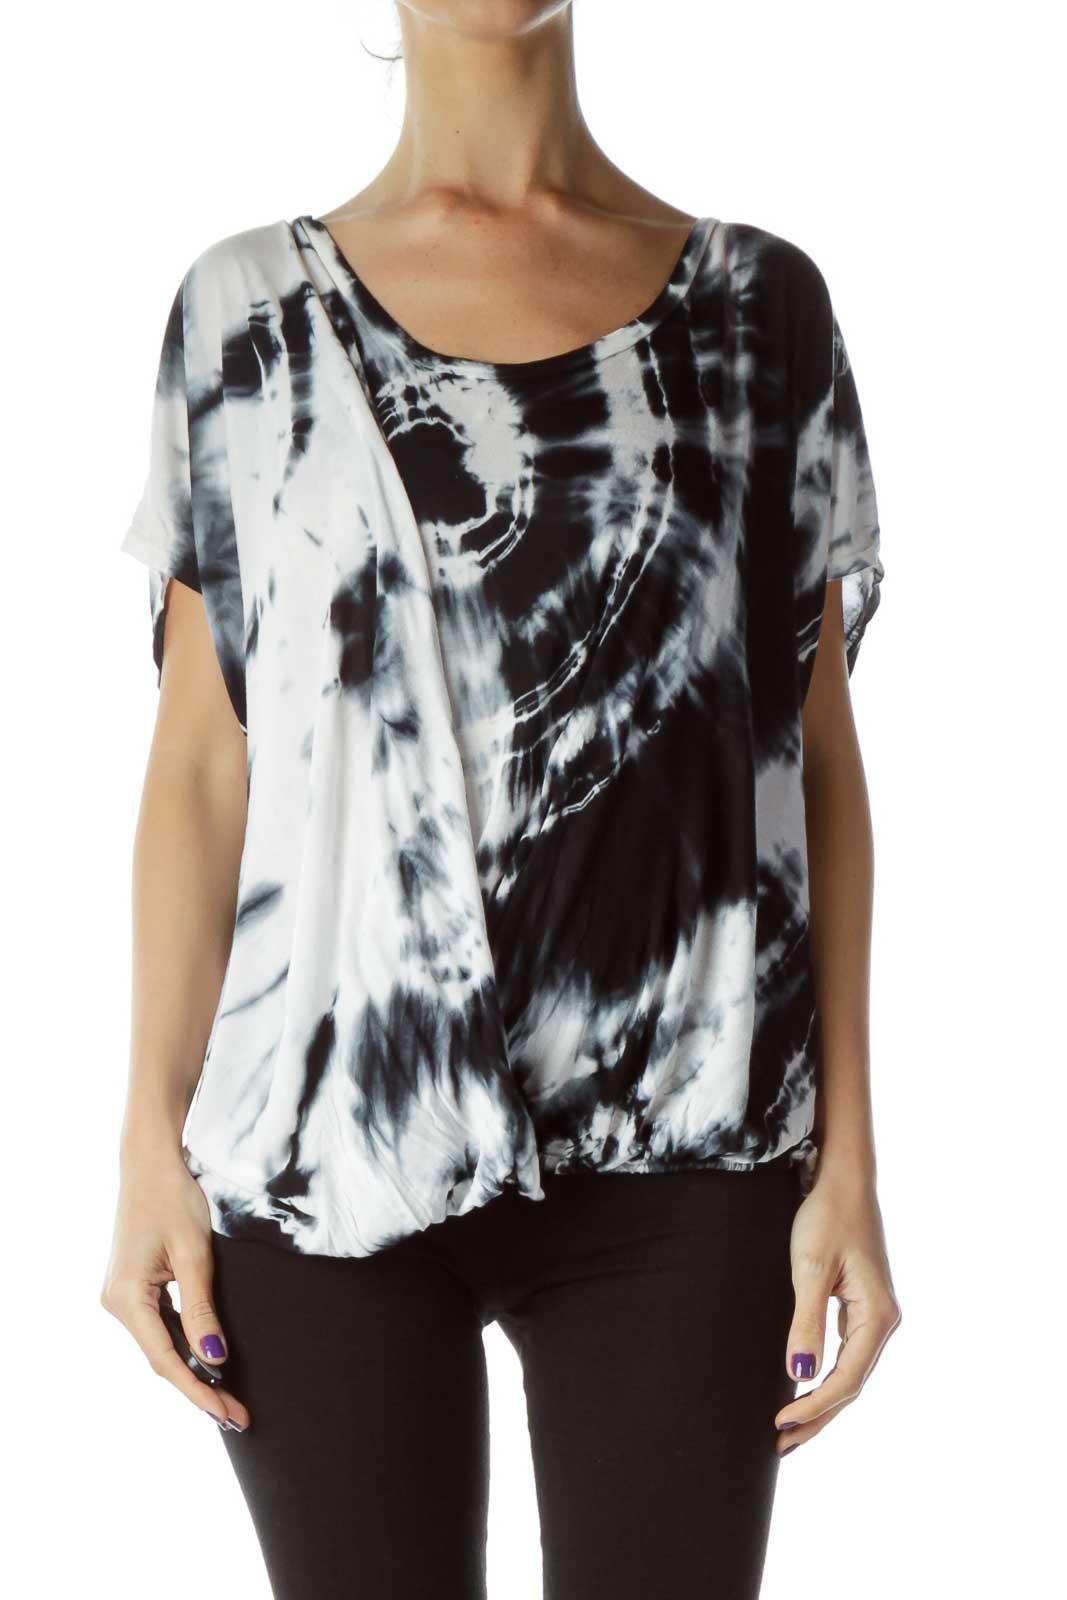 Black White Tie Dye Blouse Front